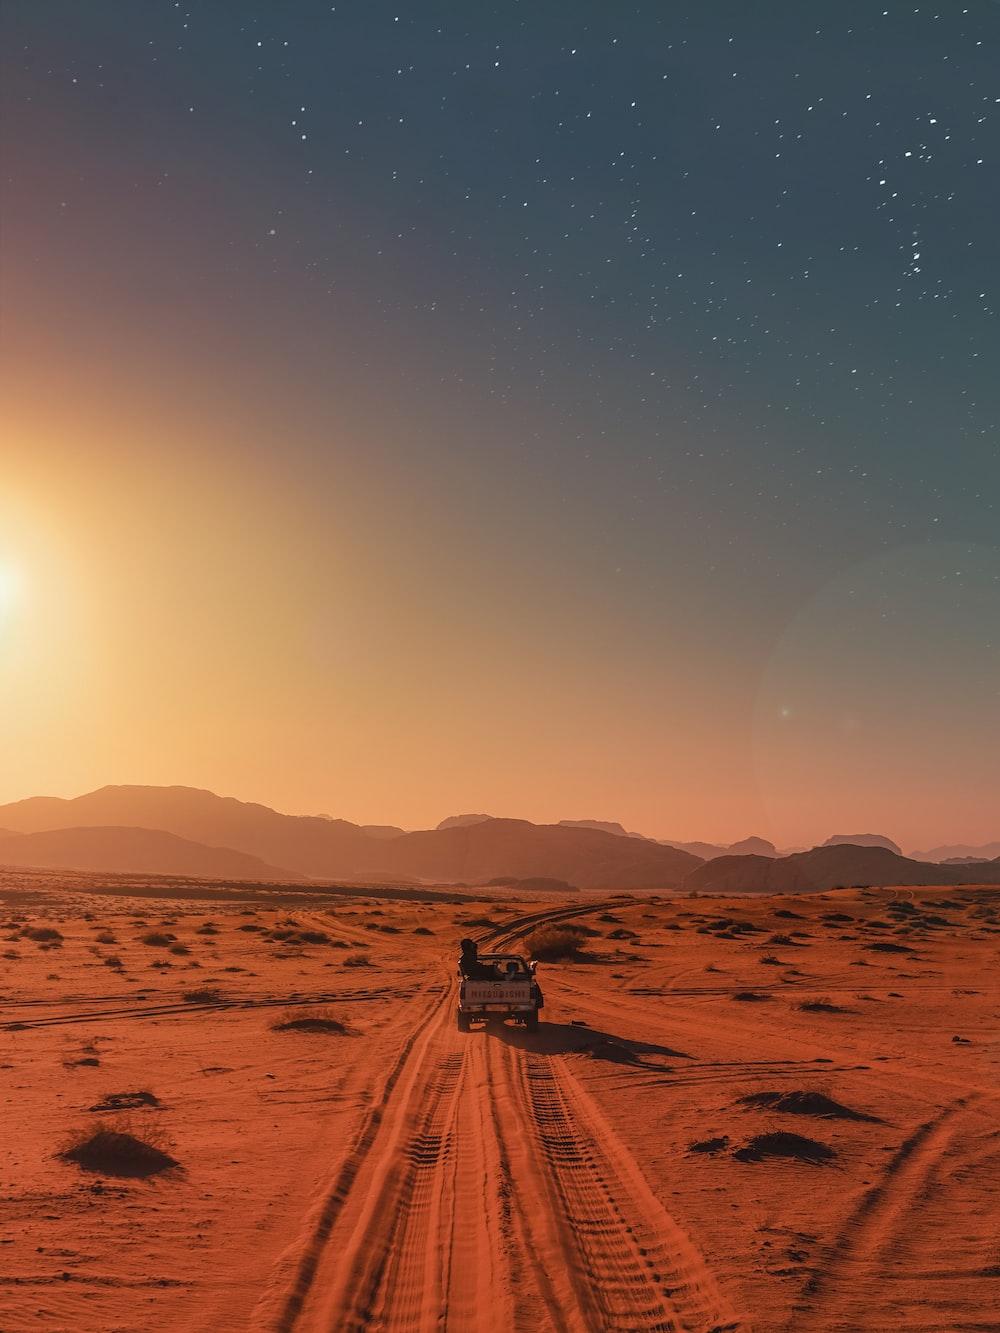 black car on desert during daytime